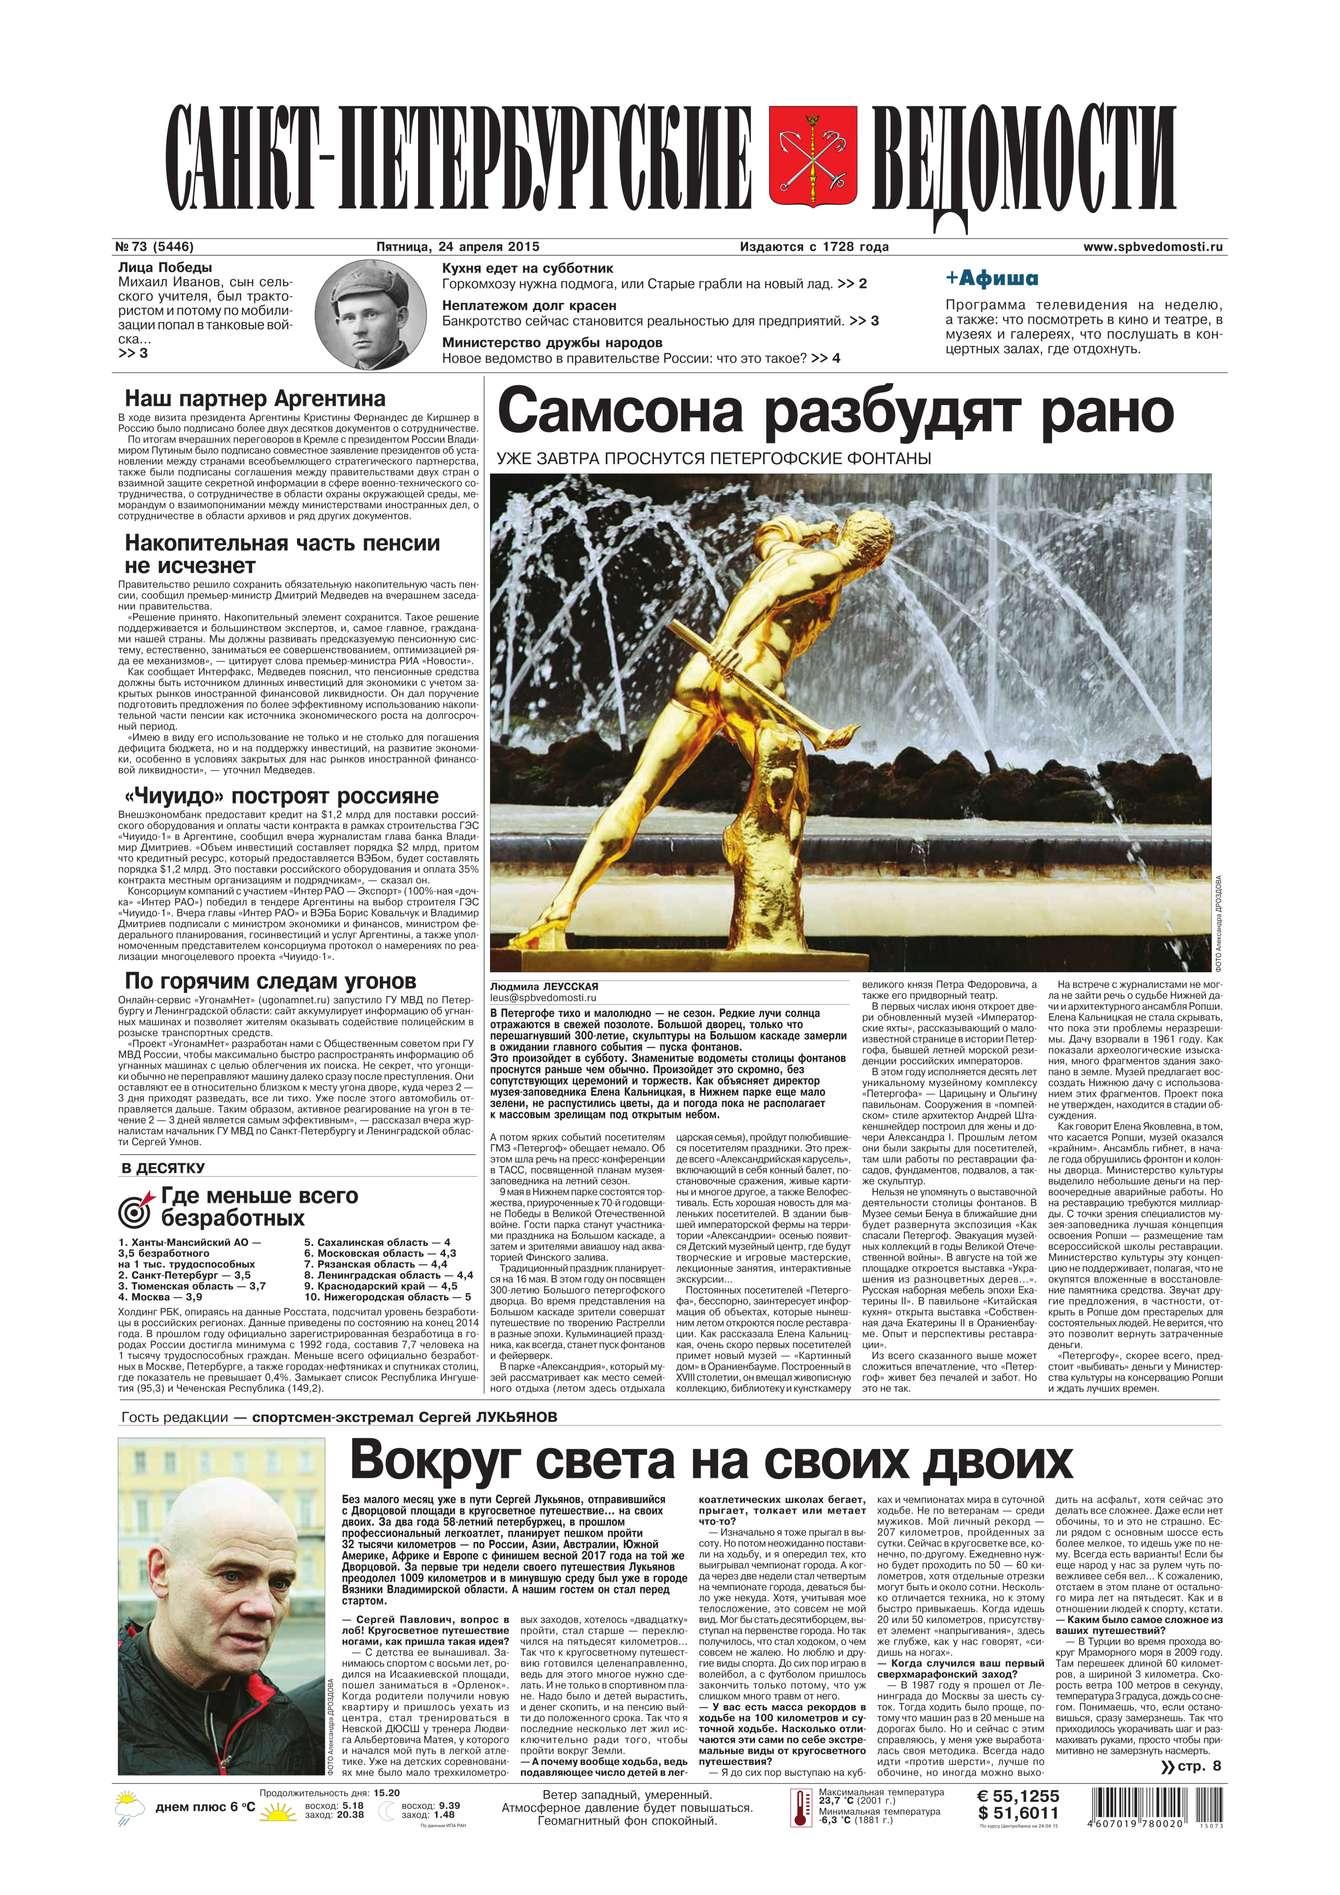 Санкт-Петербургские ведомости 73-2015